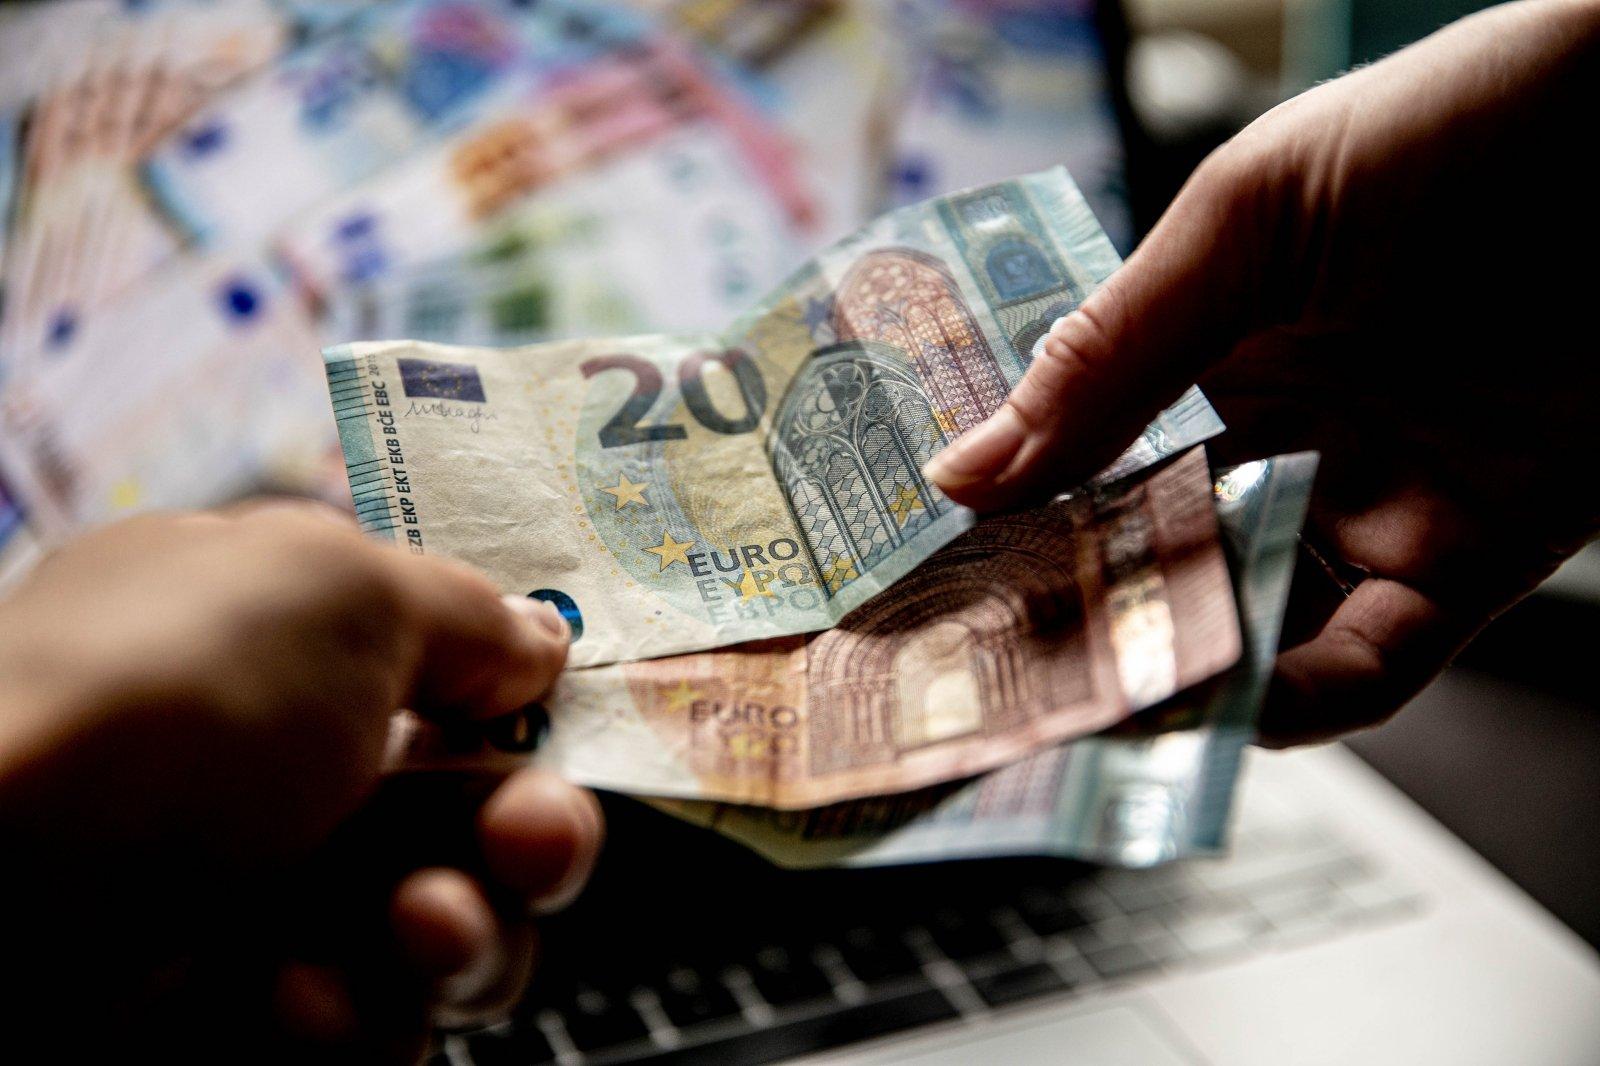 Lietuvos bankas iš finansinio turto šiemet uždirbo 90 mln. Eur